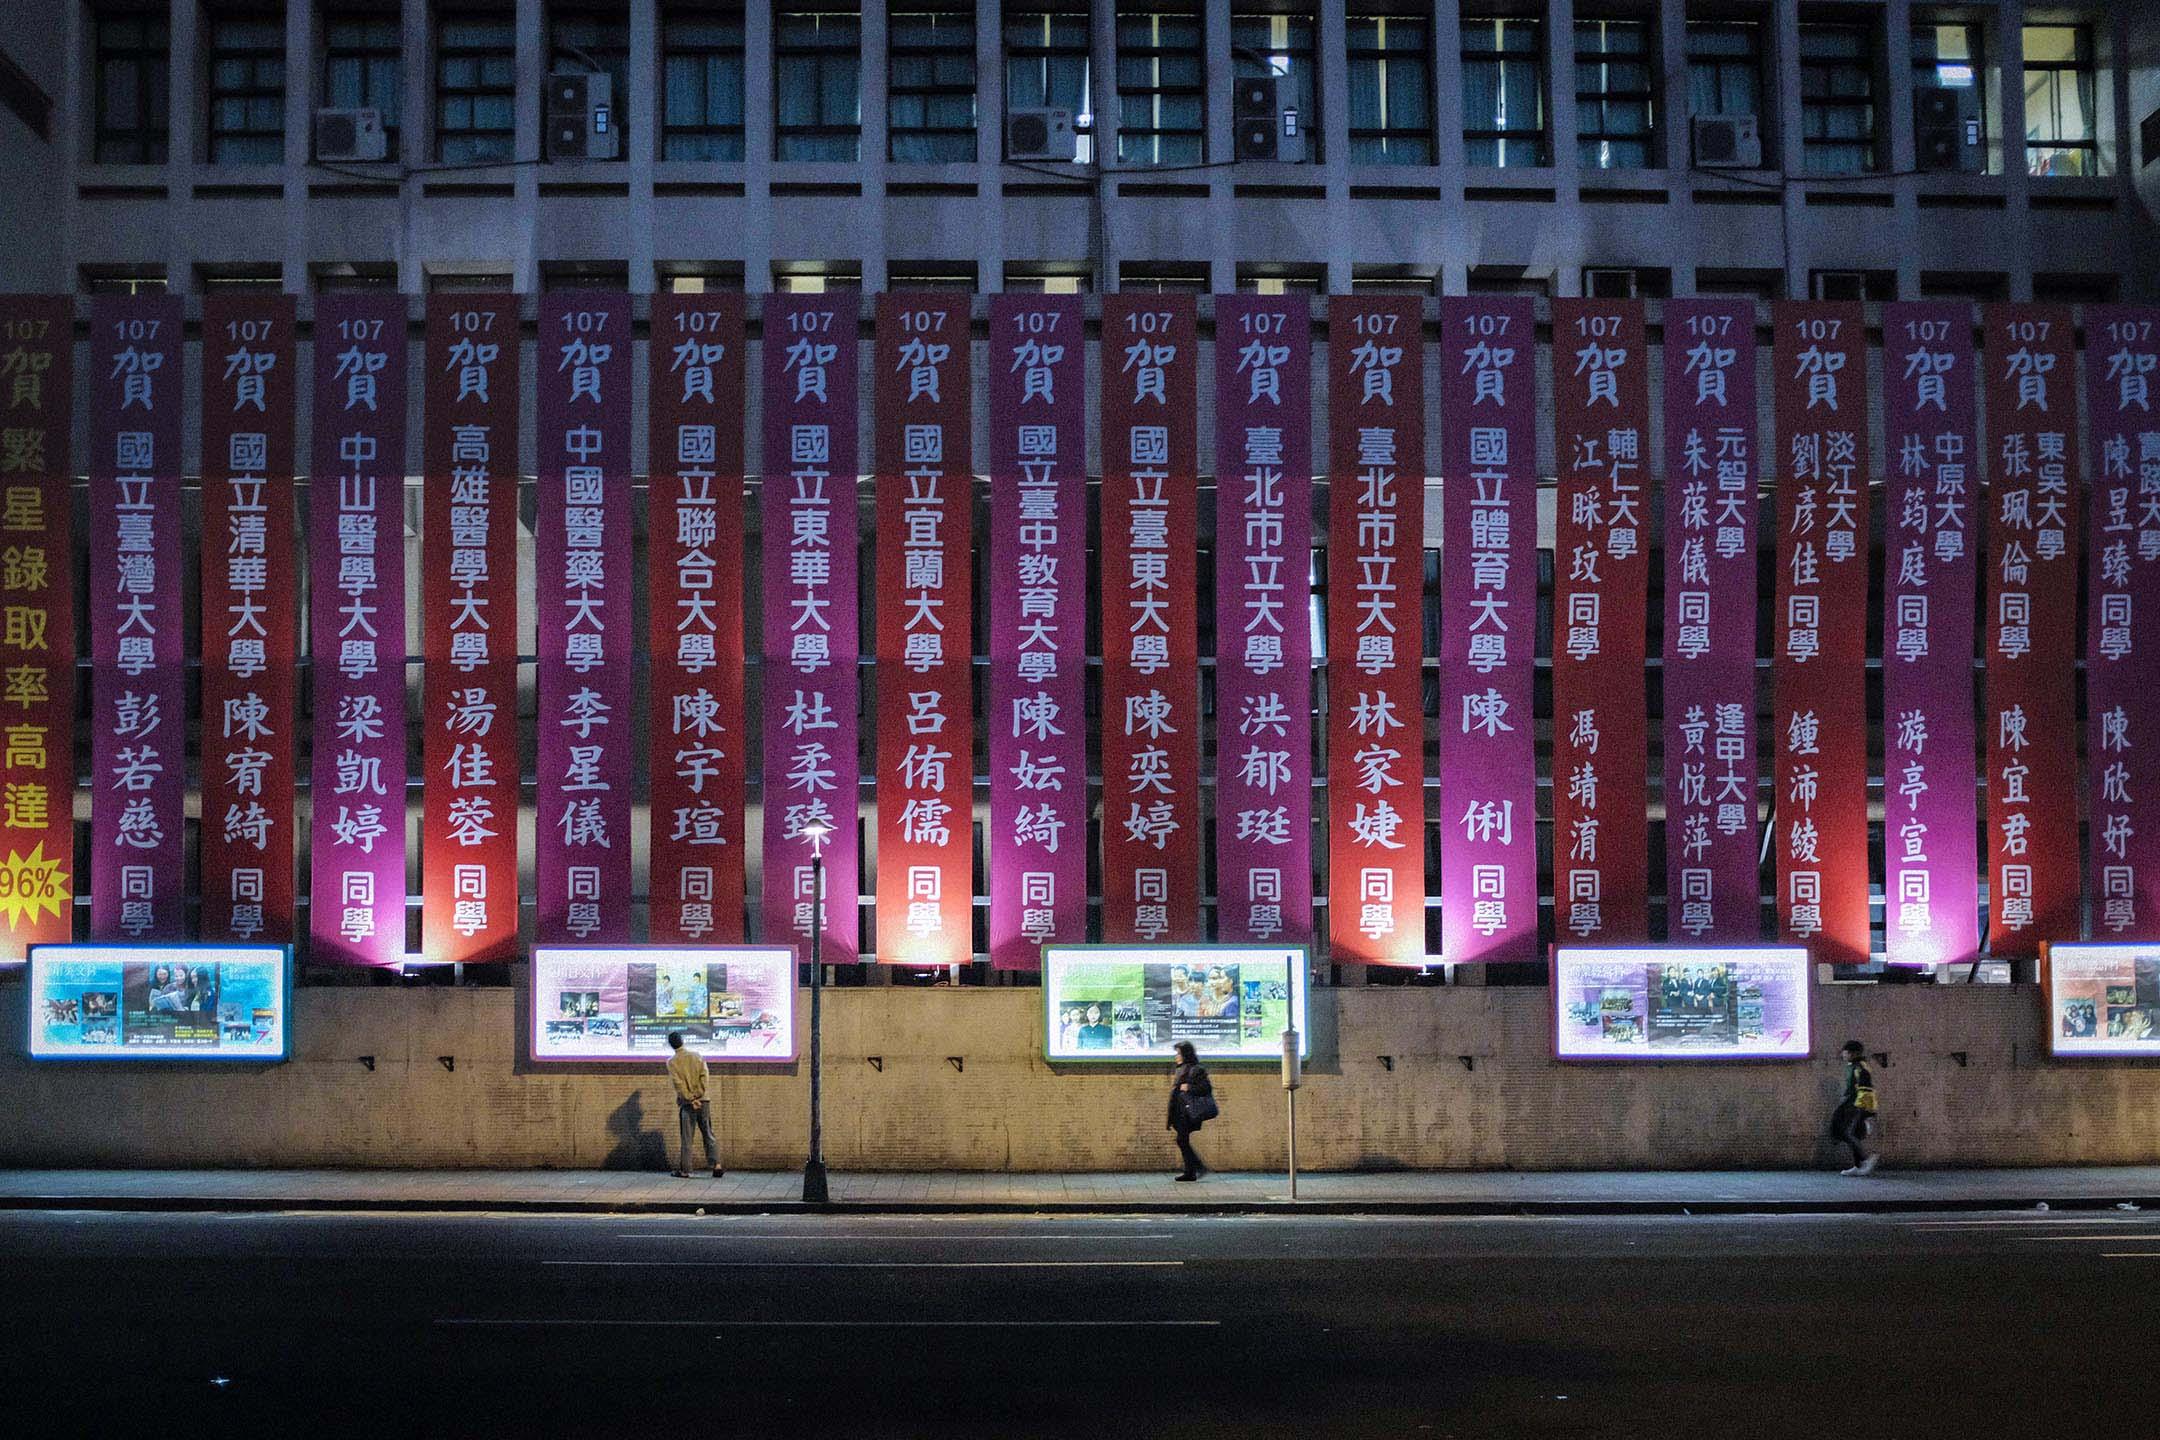 台北一所高中外掛滿同學能升讀大學的祝賀直幡。 攝:陳焯煇/端傳媒